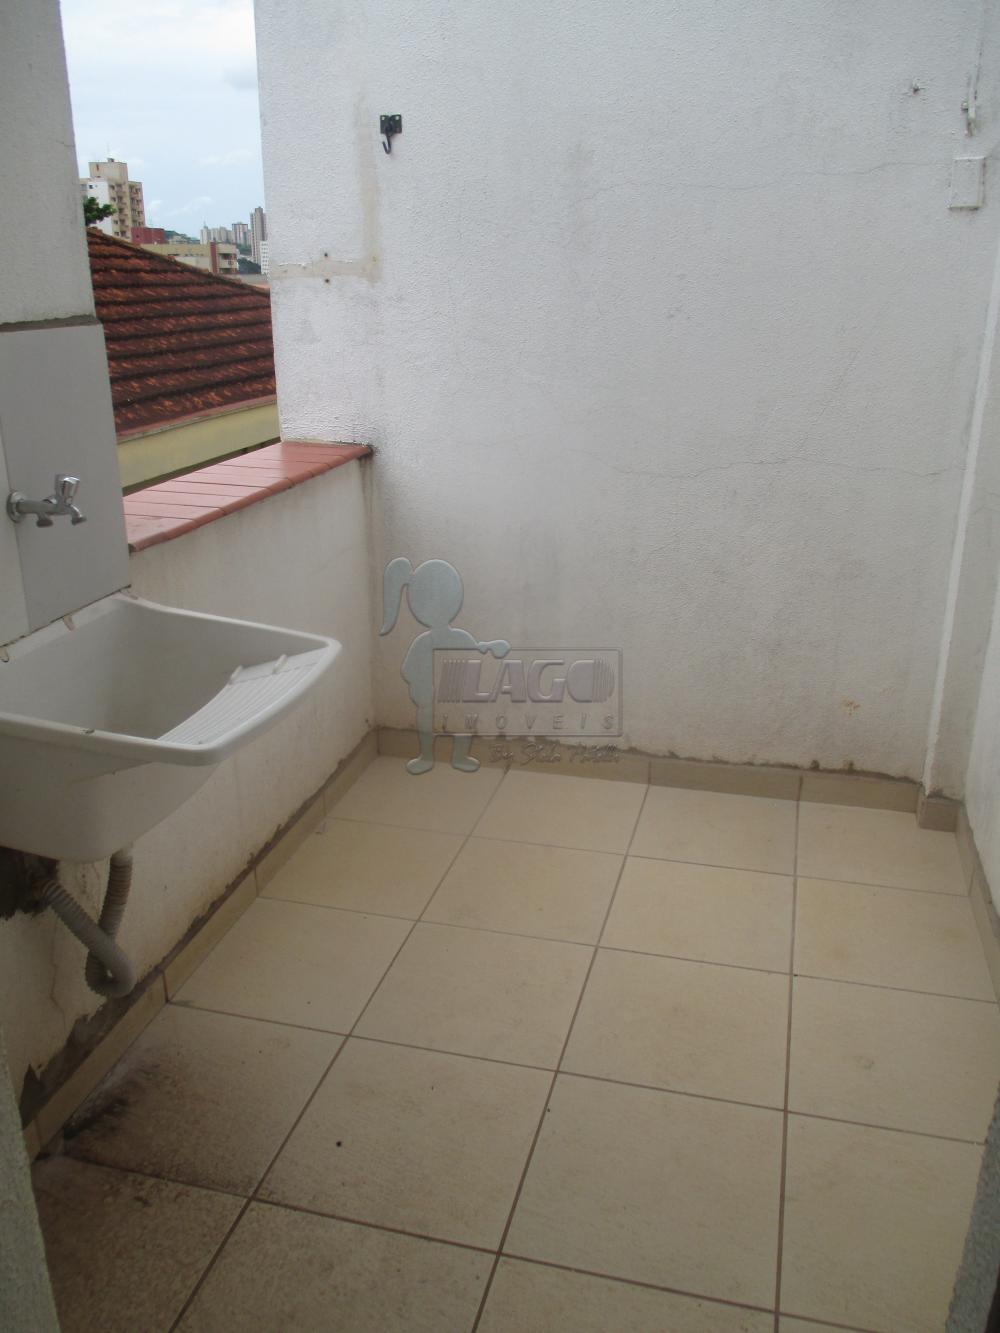 Alugar Comercial / Imóvel Comercial em Ribeirão Preto apenas R$ 4.200,00 - Foto 20